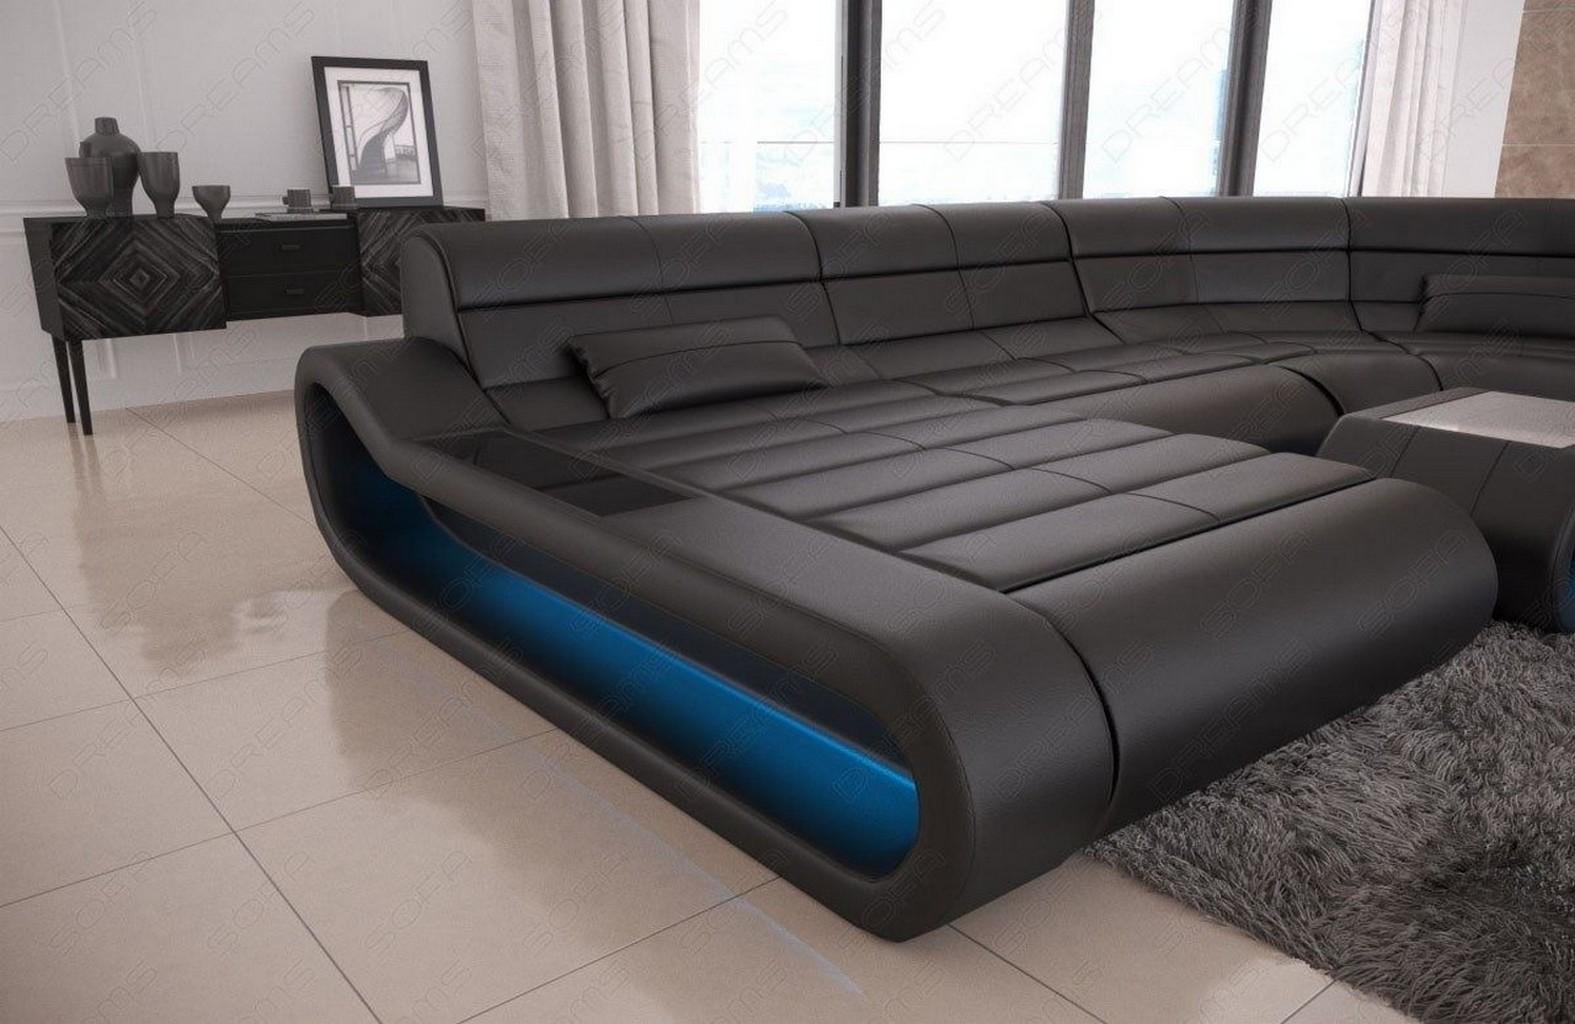 leather sofa interior design designer couch set recamiere. Black Bedroom Furniture Sets. Home Design Ideas